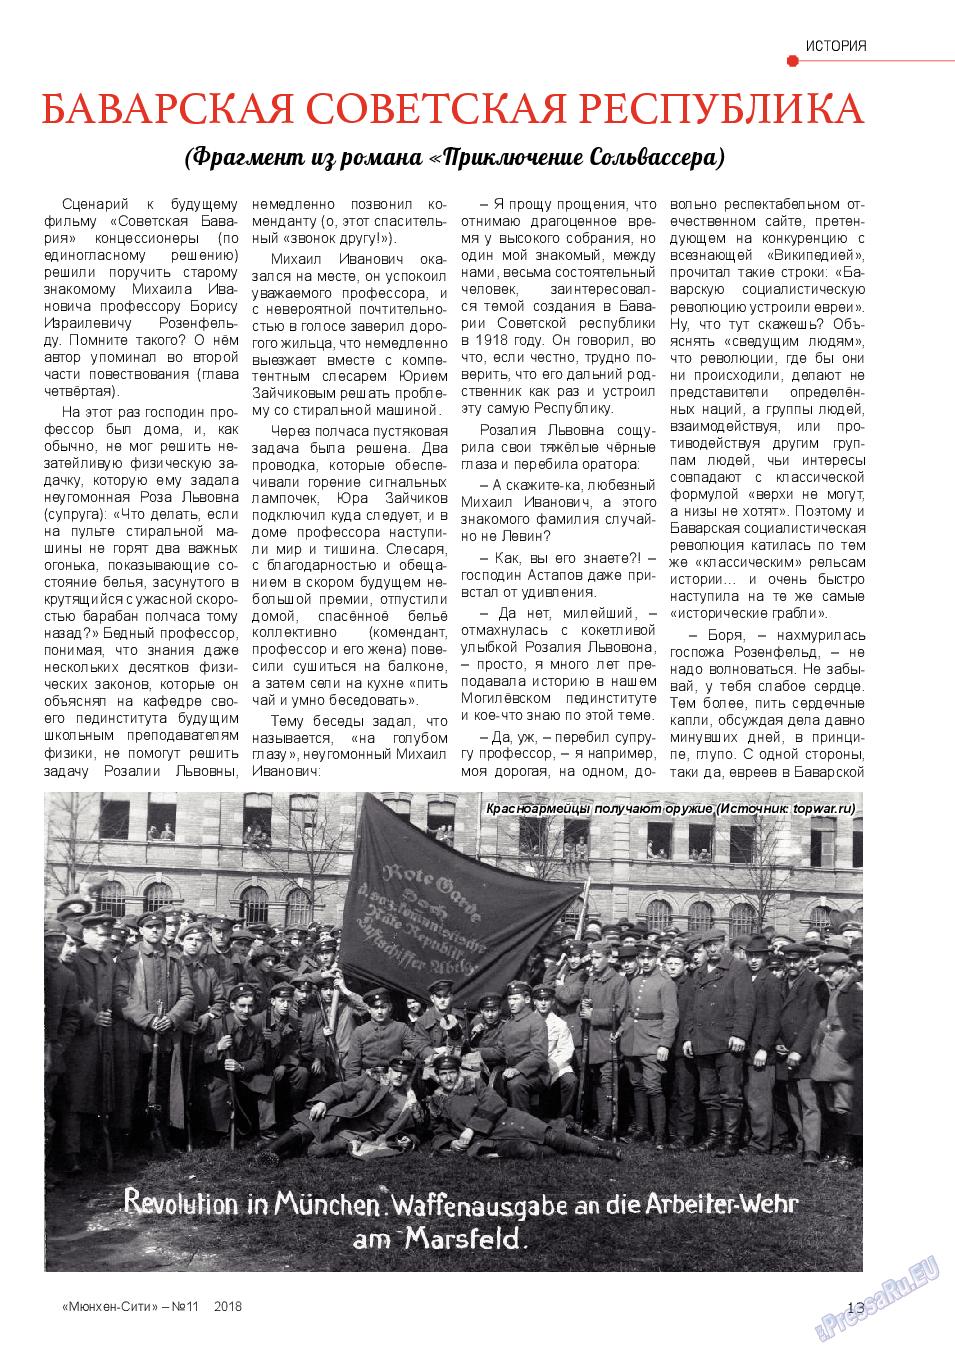 Мюнхен-сити (журнал). 2018 год, номер 11, стр. 13